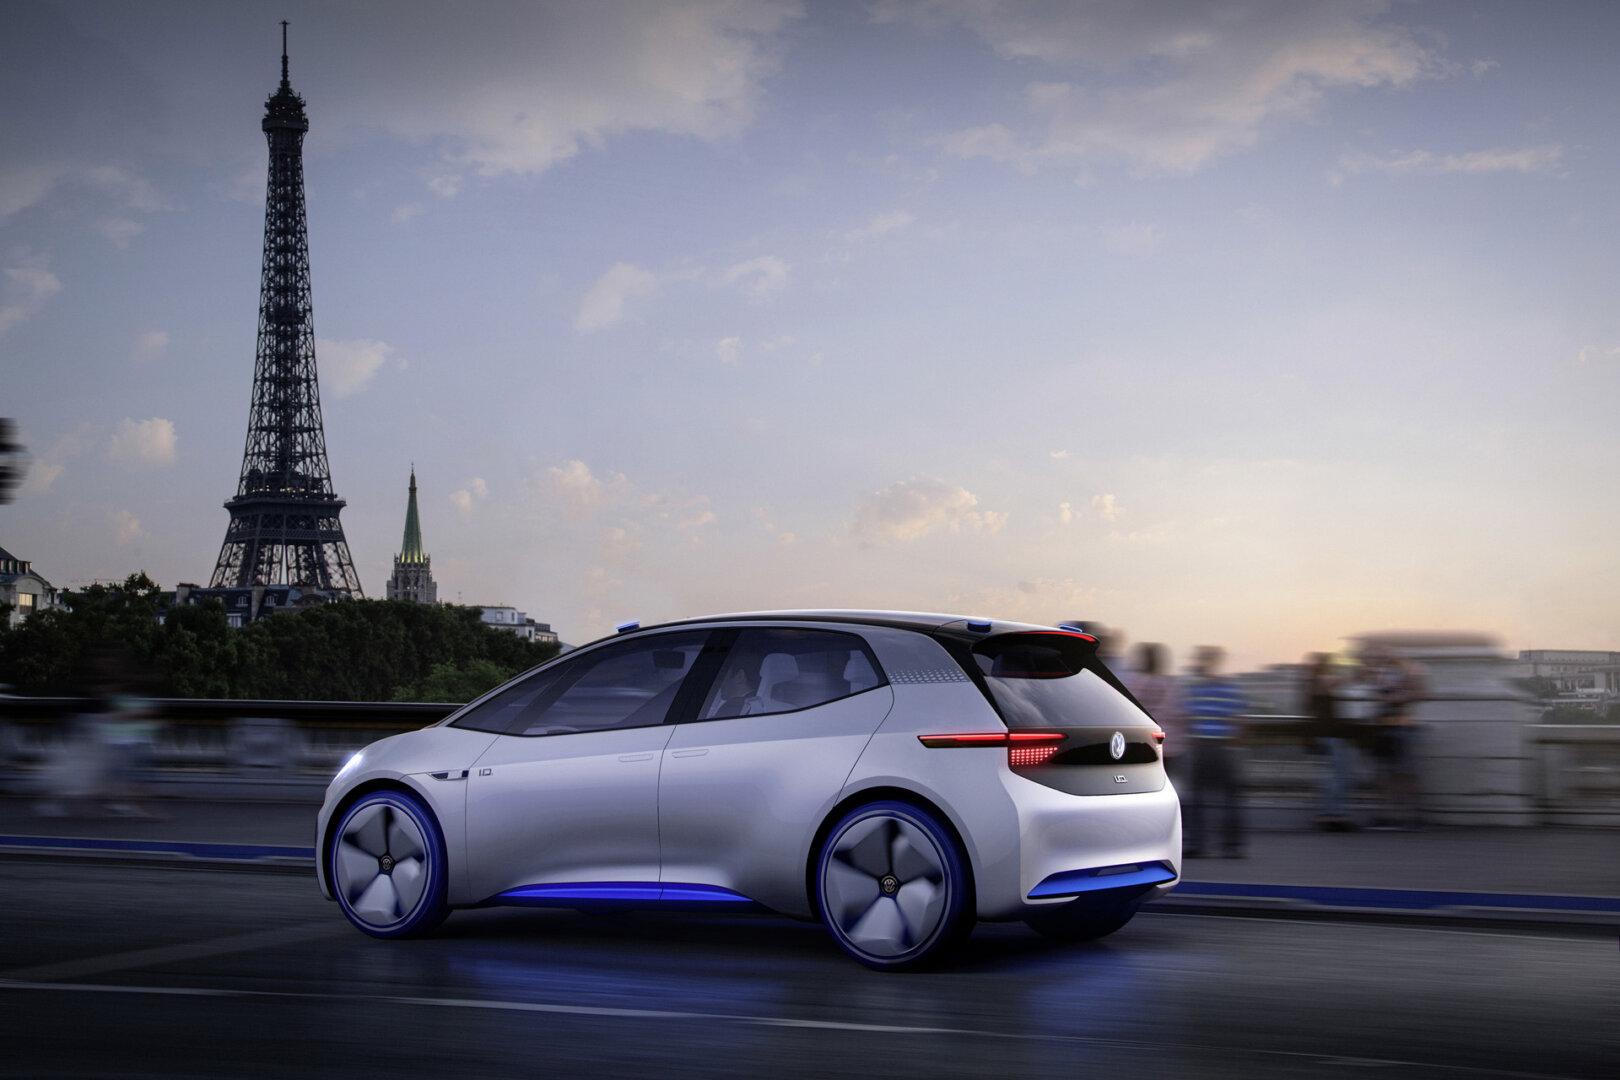 E-Auto von VW mit dem Eiffelturm im HIntergrund.